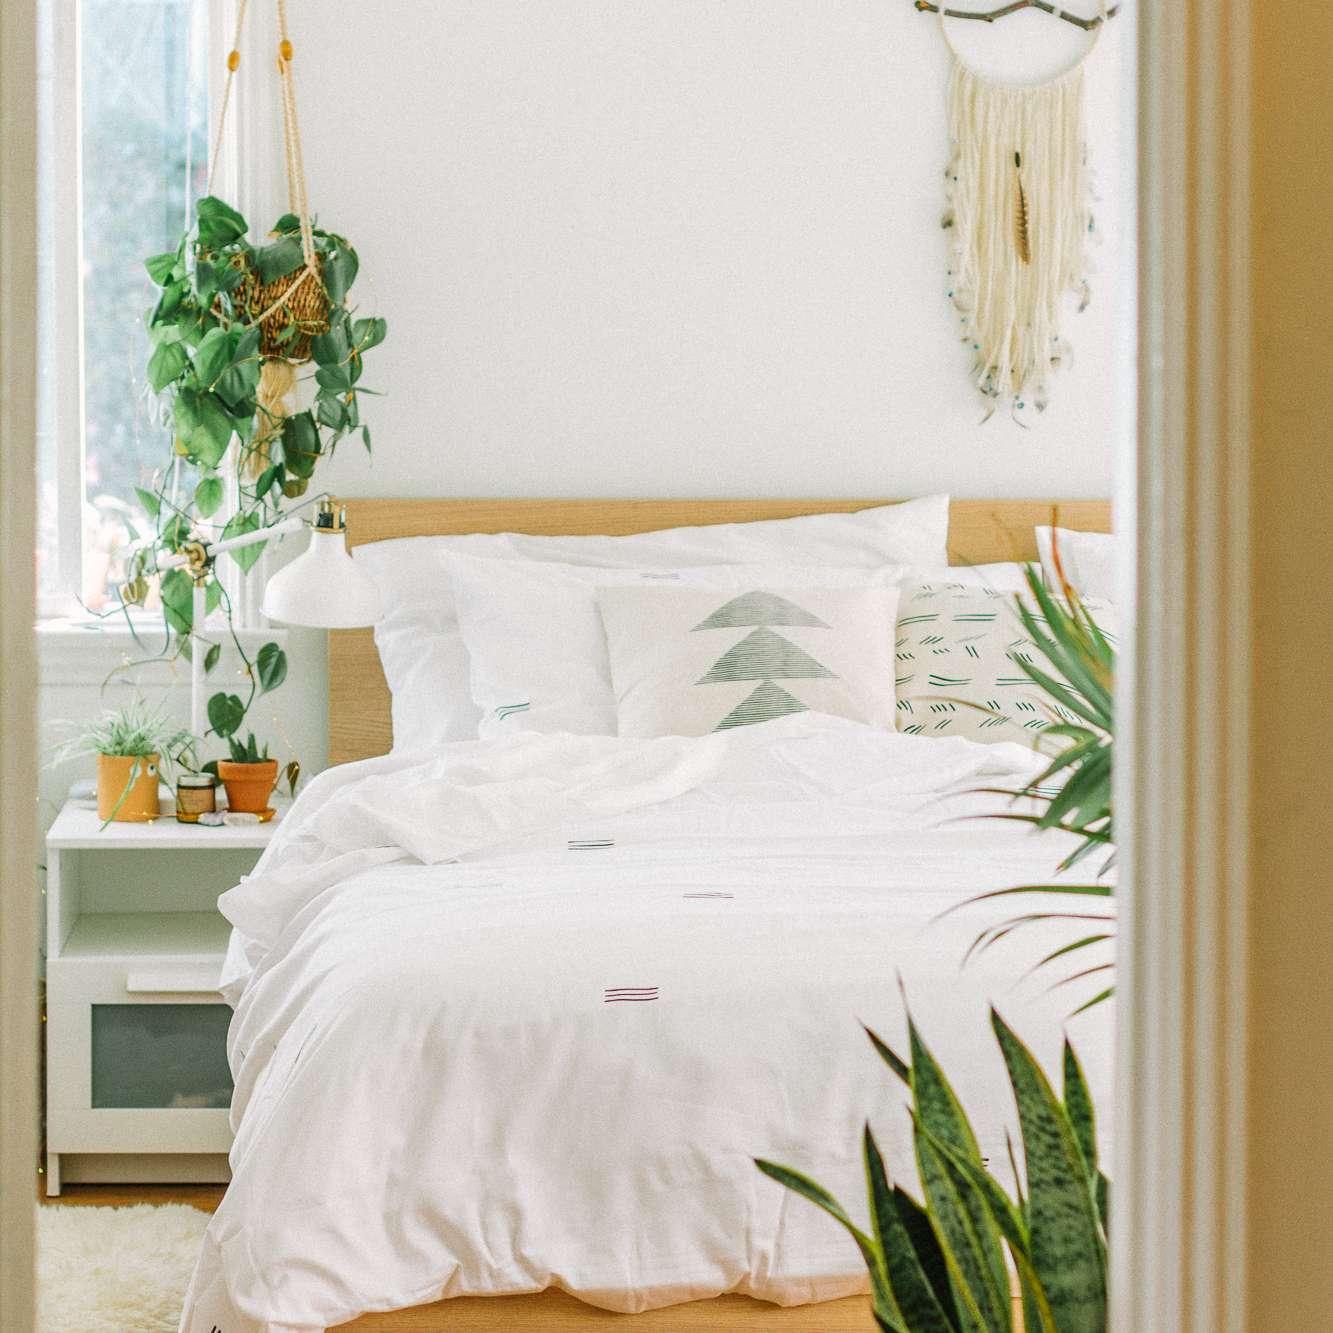 dormitorio blanco con plantas verdes